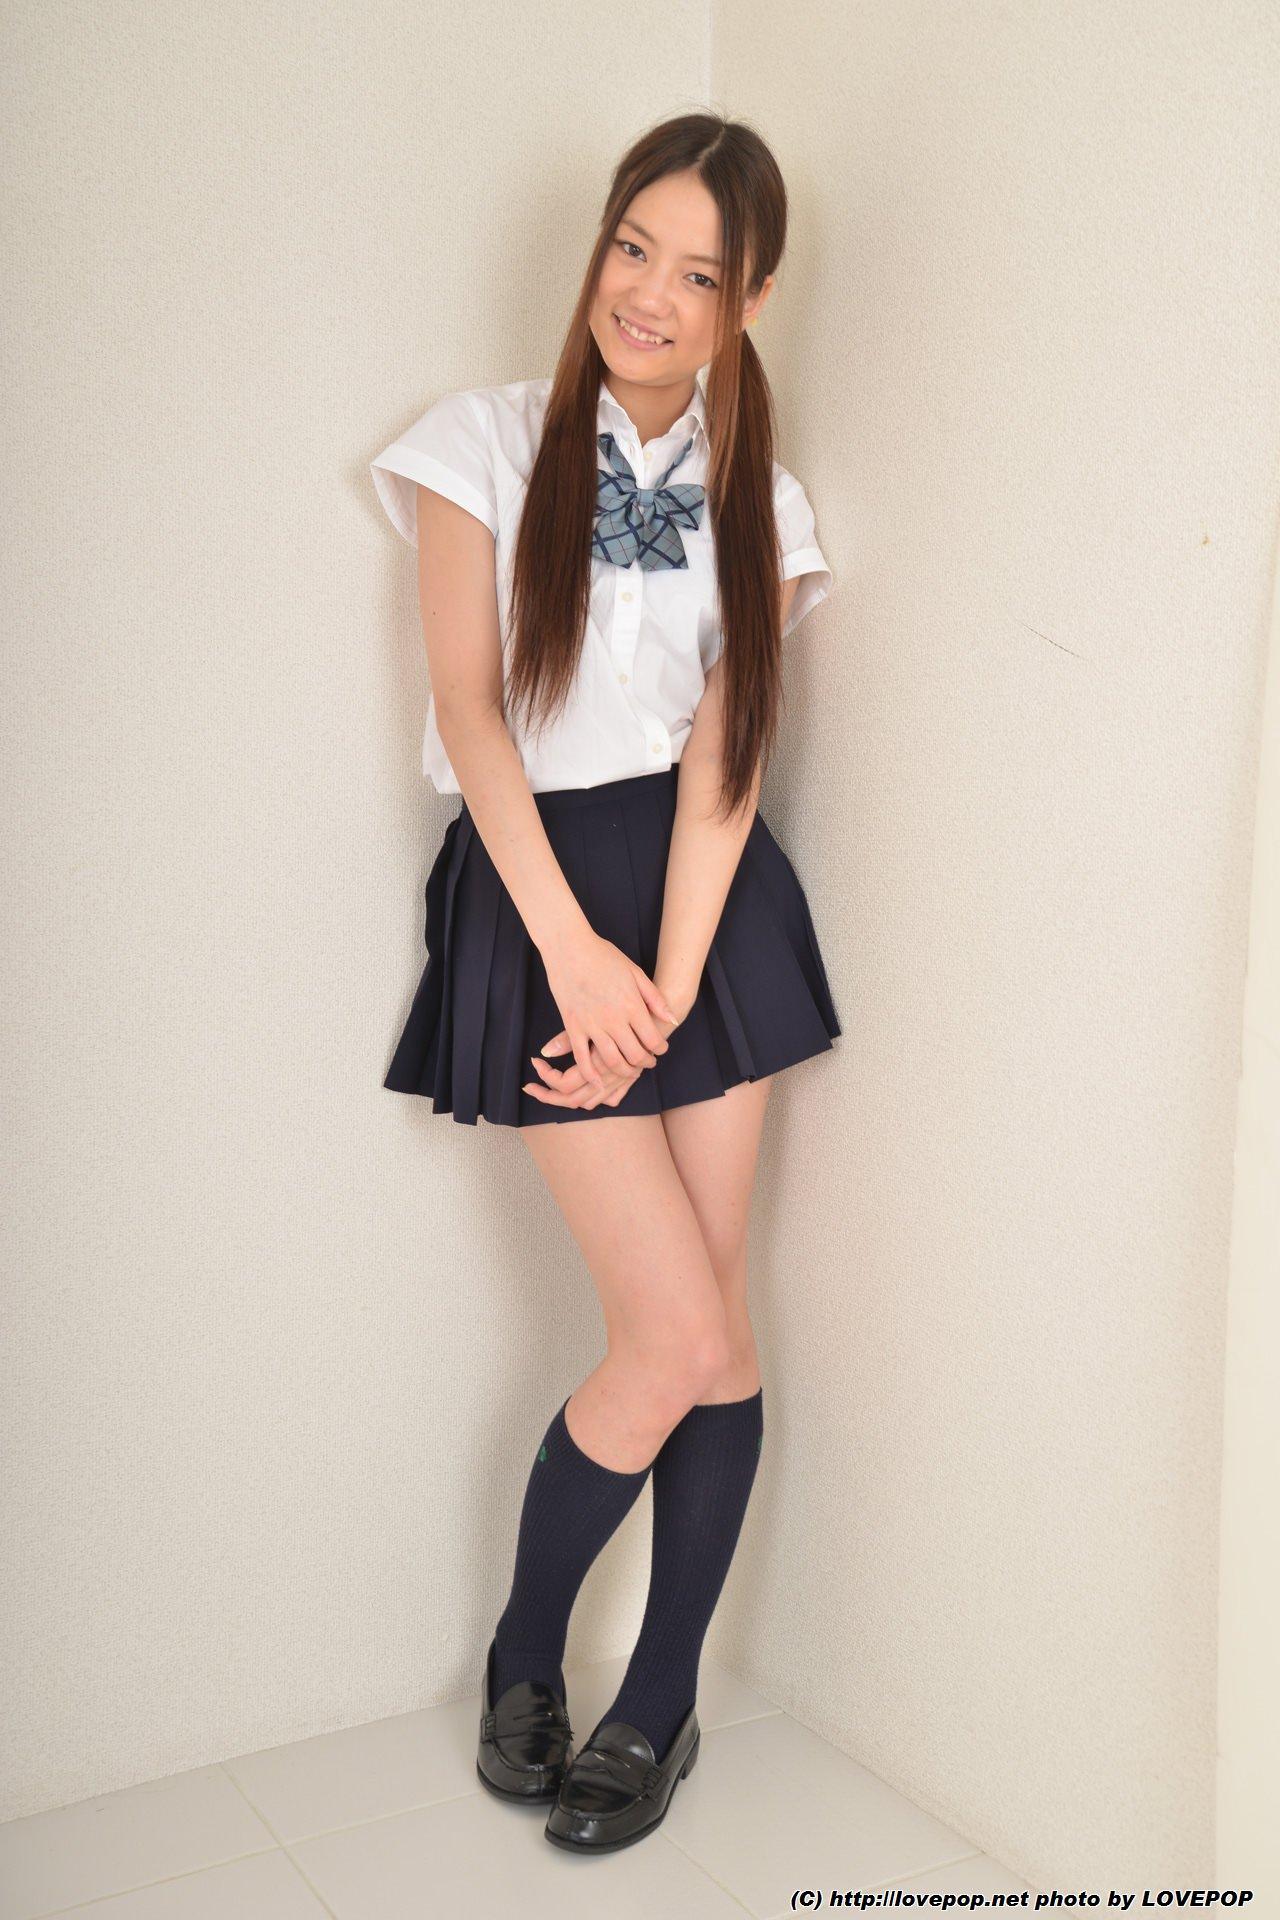 [lovepop.net] nakajima ema 002